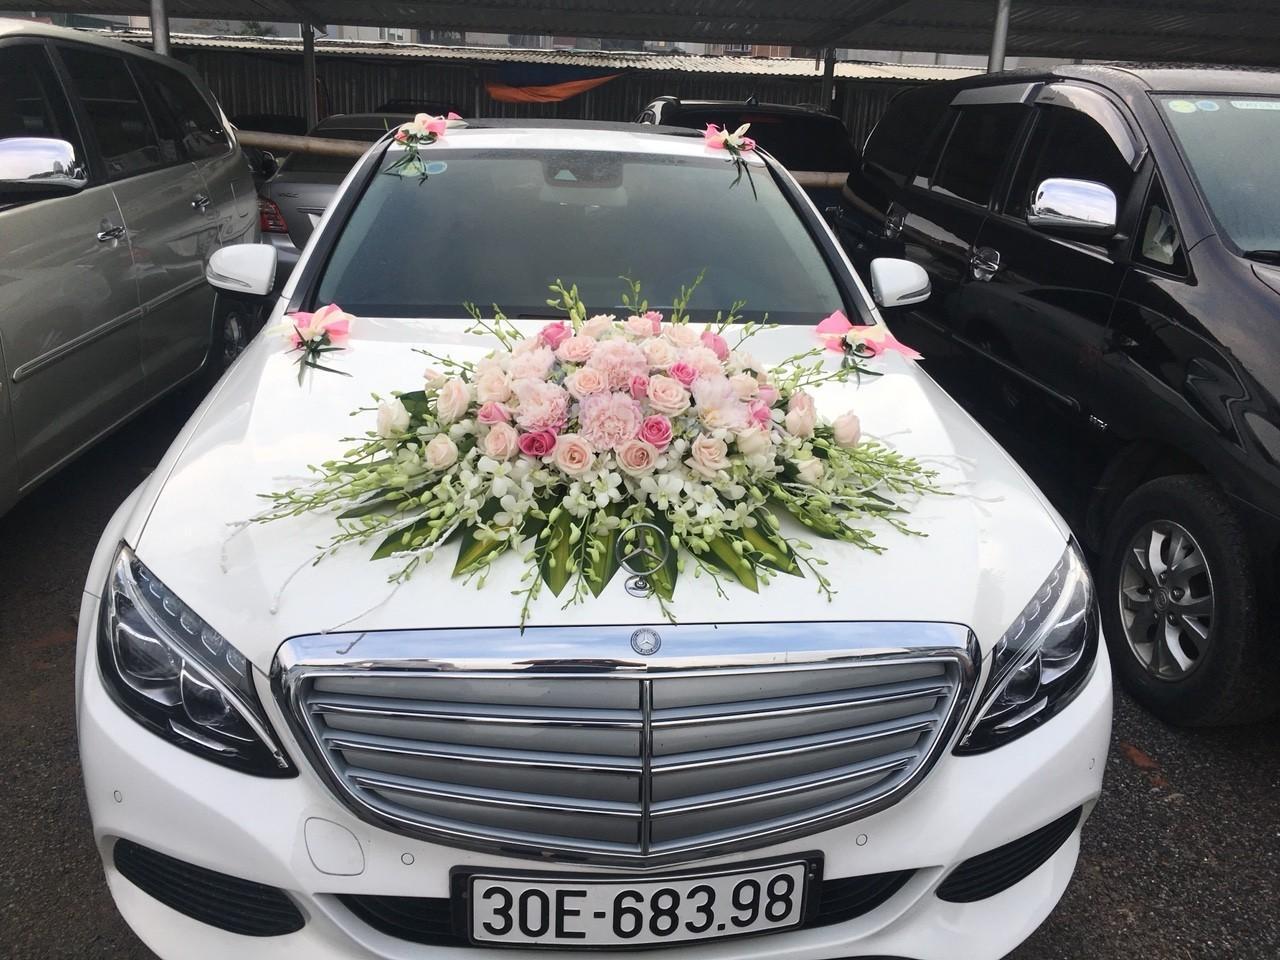 Dịch vụ thuê xe hoa đám cưới tại Quy Nhơn nào tốt?